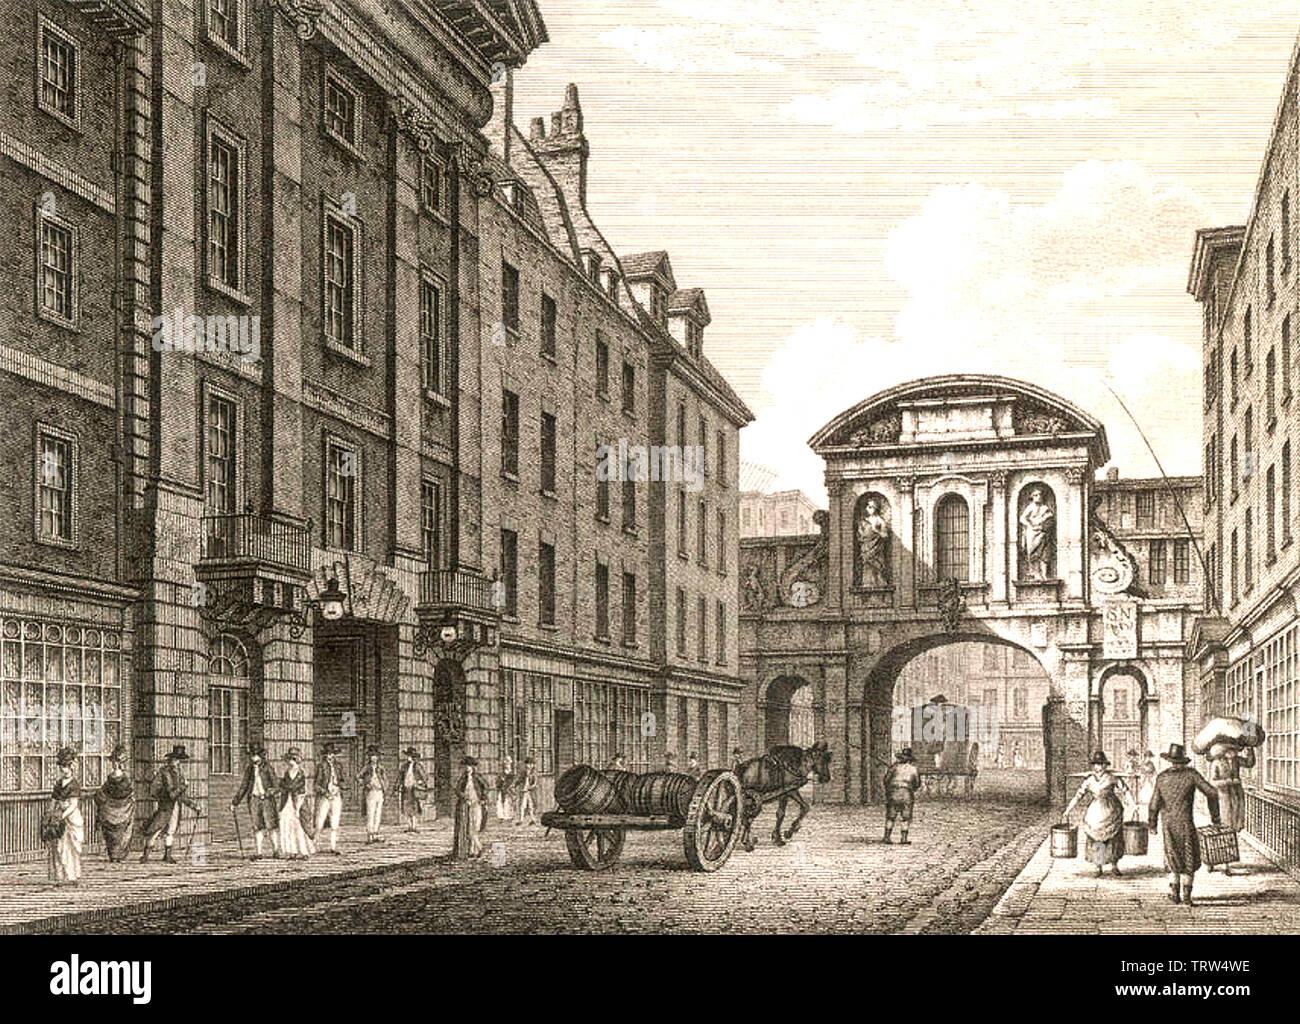 TEMPLE BAR a Londra il trefolo nel 1800 Immagini Stock